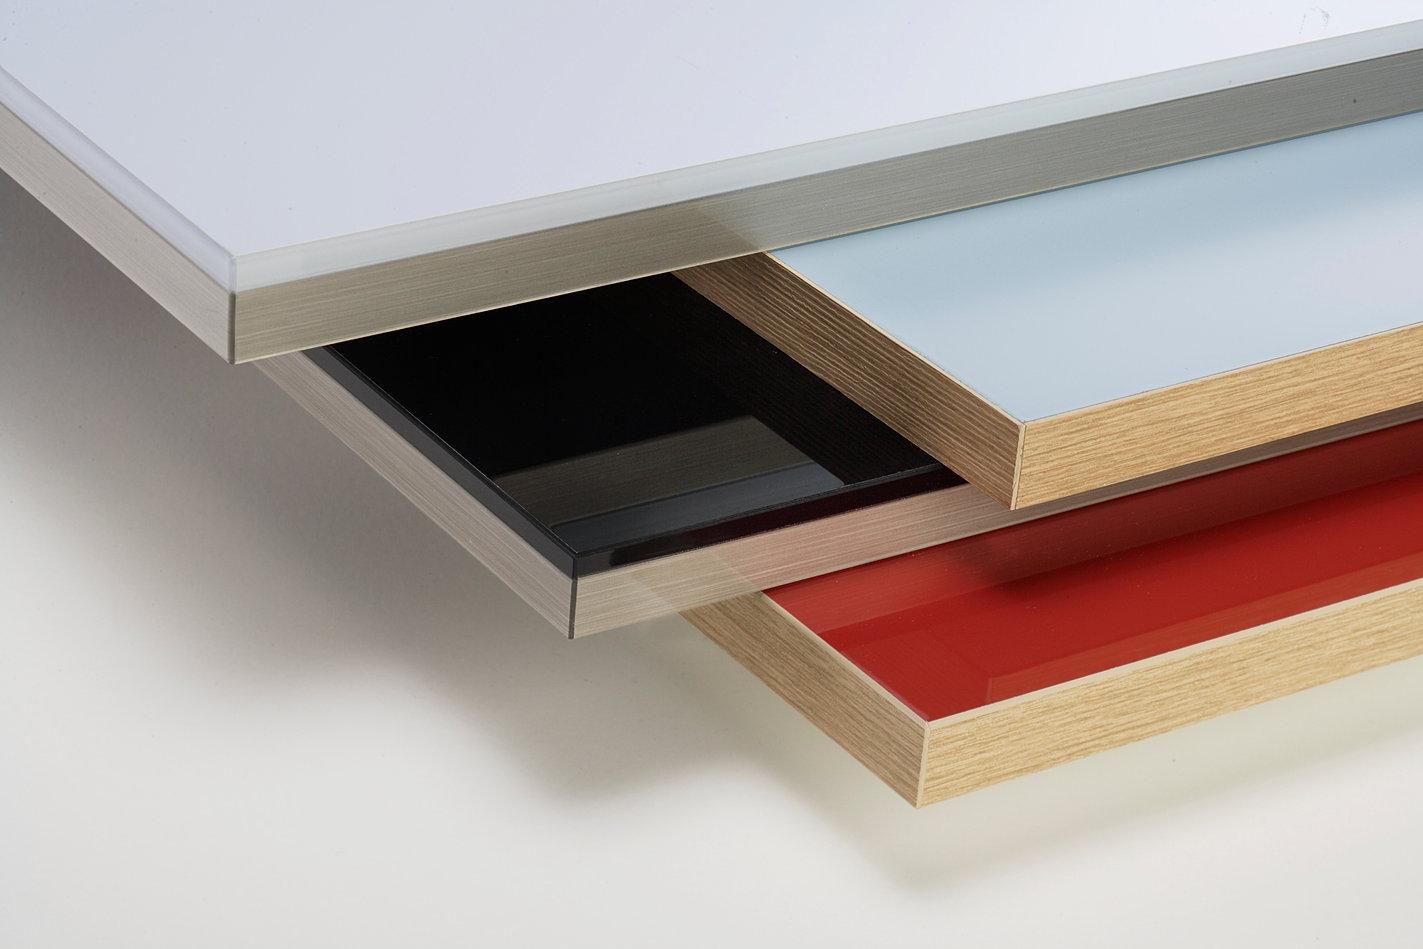 beschichtete spanplatte lackieren > beschichtete spanplatten